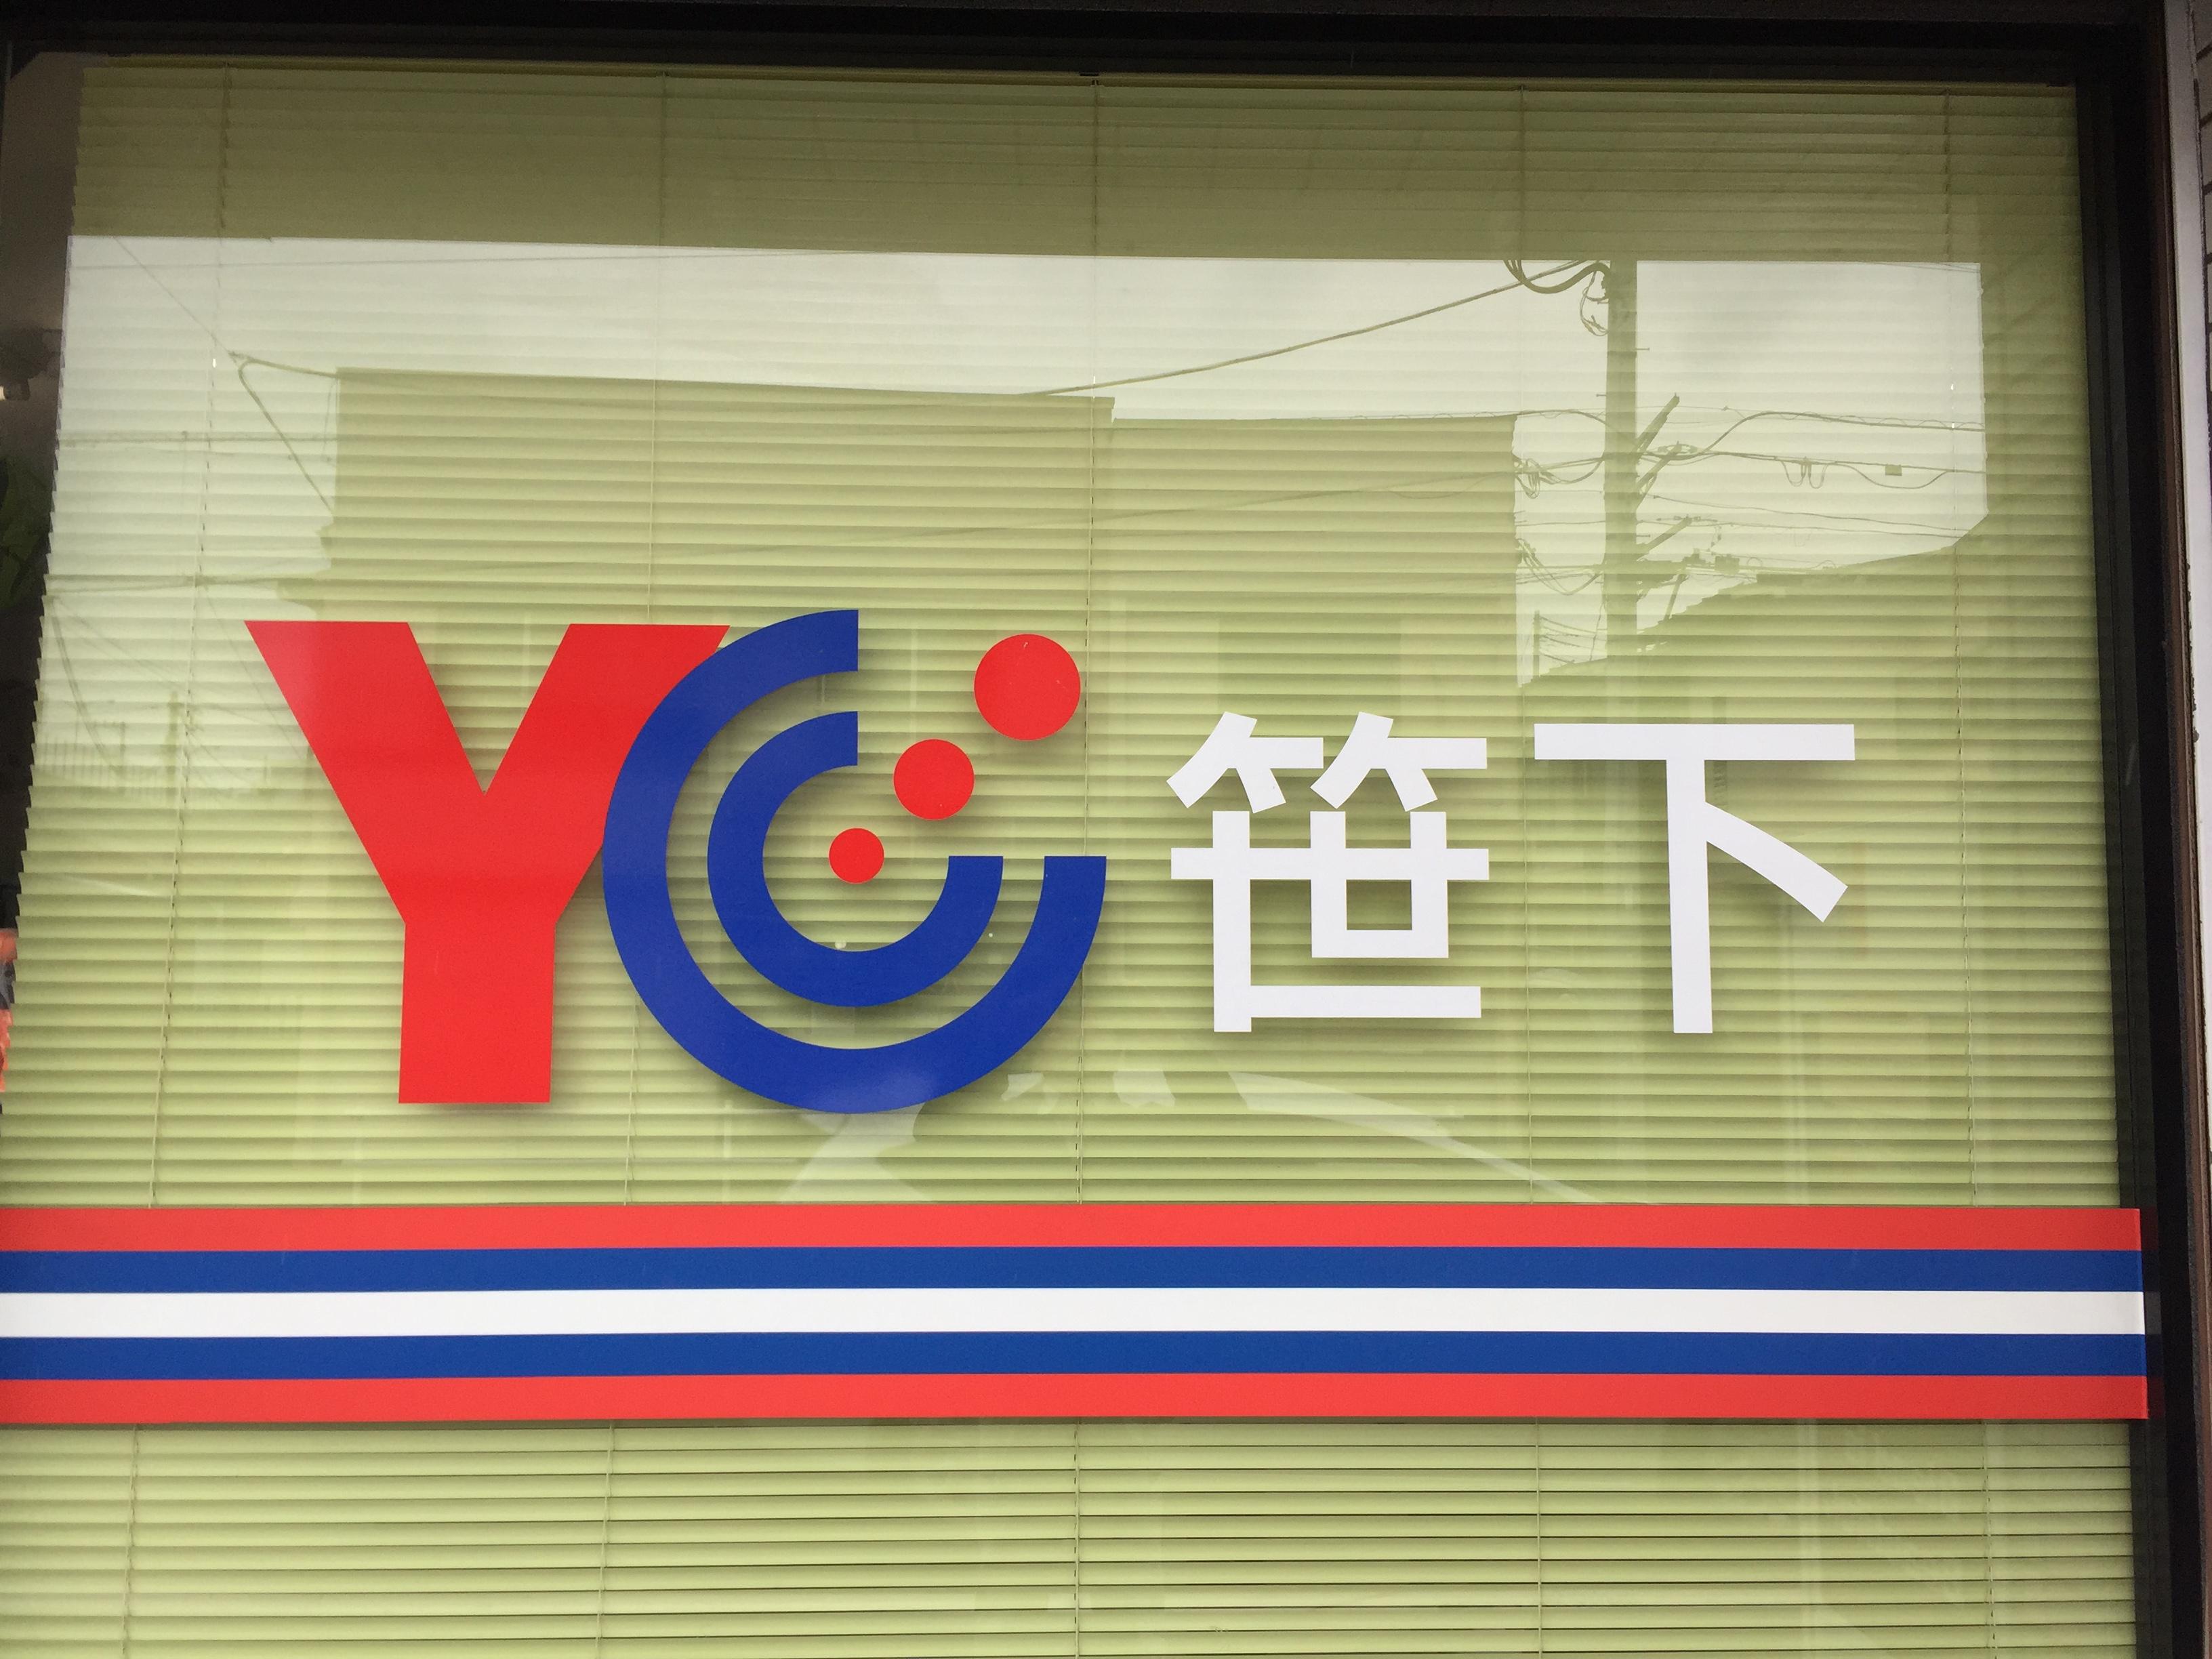 読売新聞 YC笹下  045-843-8307担当:新井